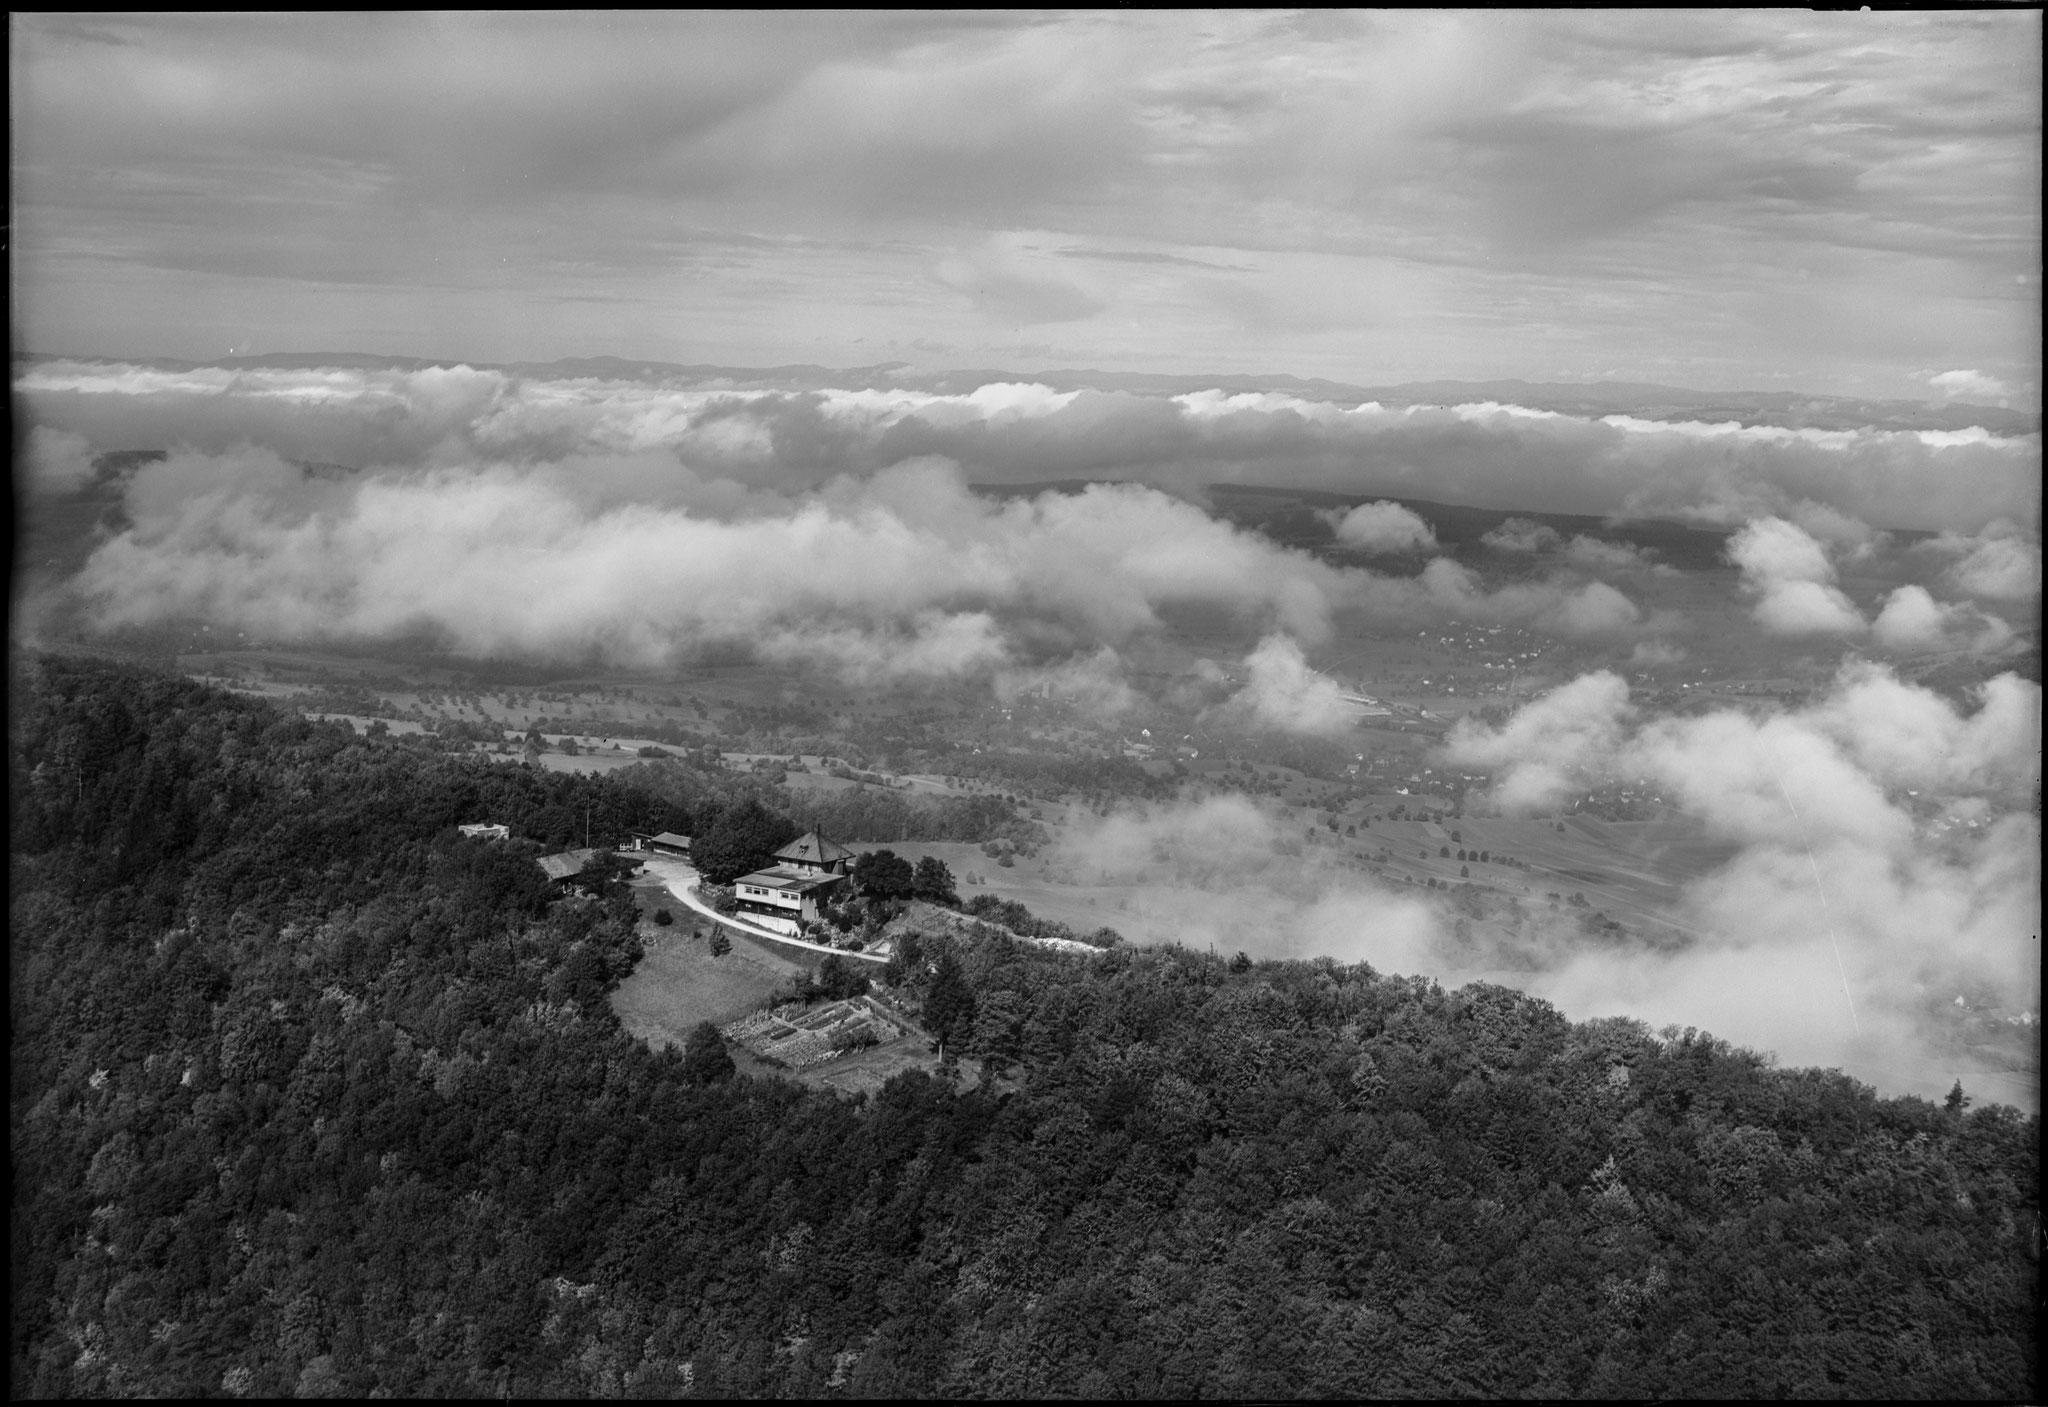 Lägern Hochwacht, tiefgeflogen, 21.9.1953 / ETH-Bibliothek Zürich, Bildarchiv/Stiftung Luftbild Schweiz / Fotograf: Friedli, Werner / LBS_H1-015949 / CC BY-SA 4.0